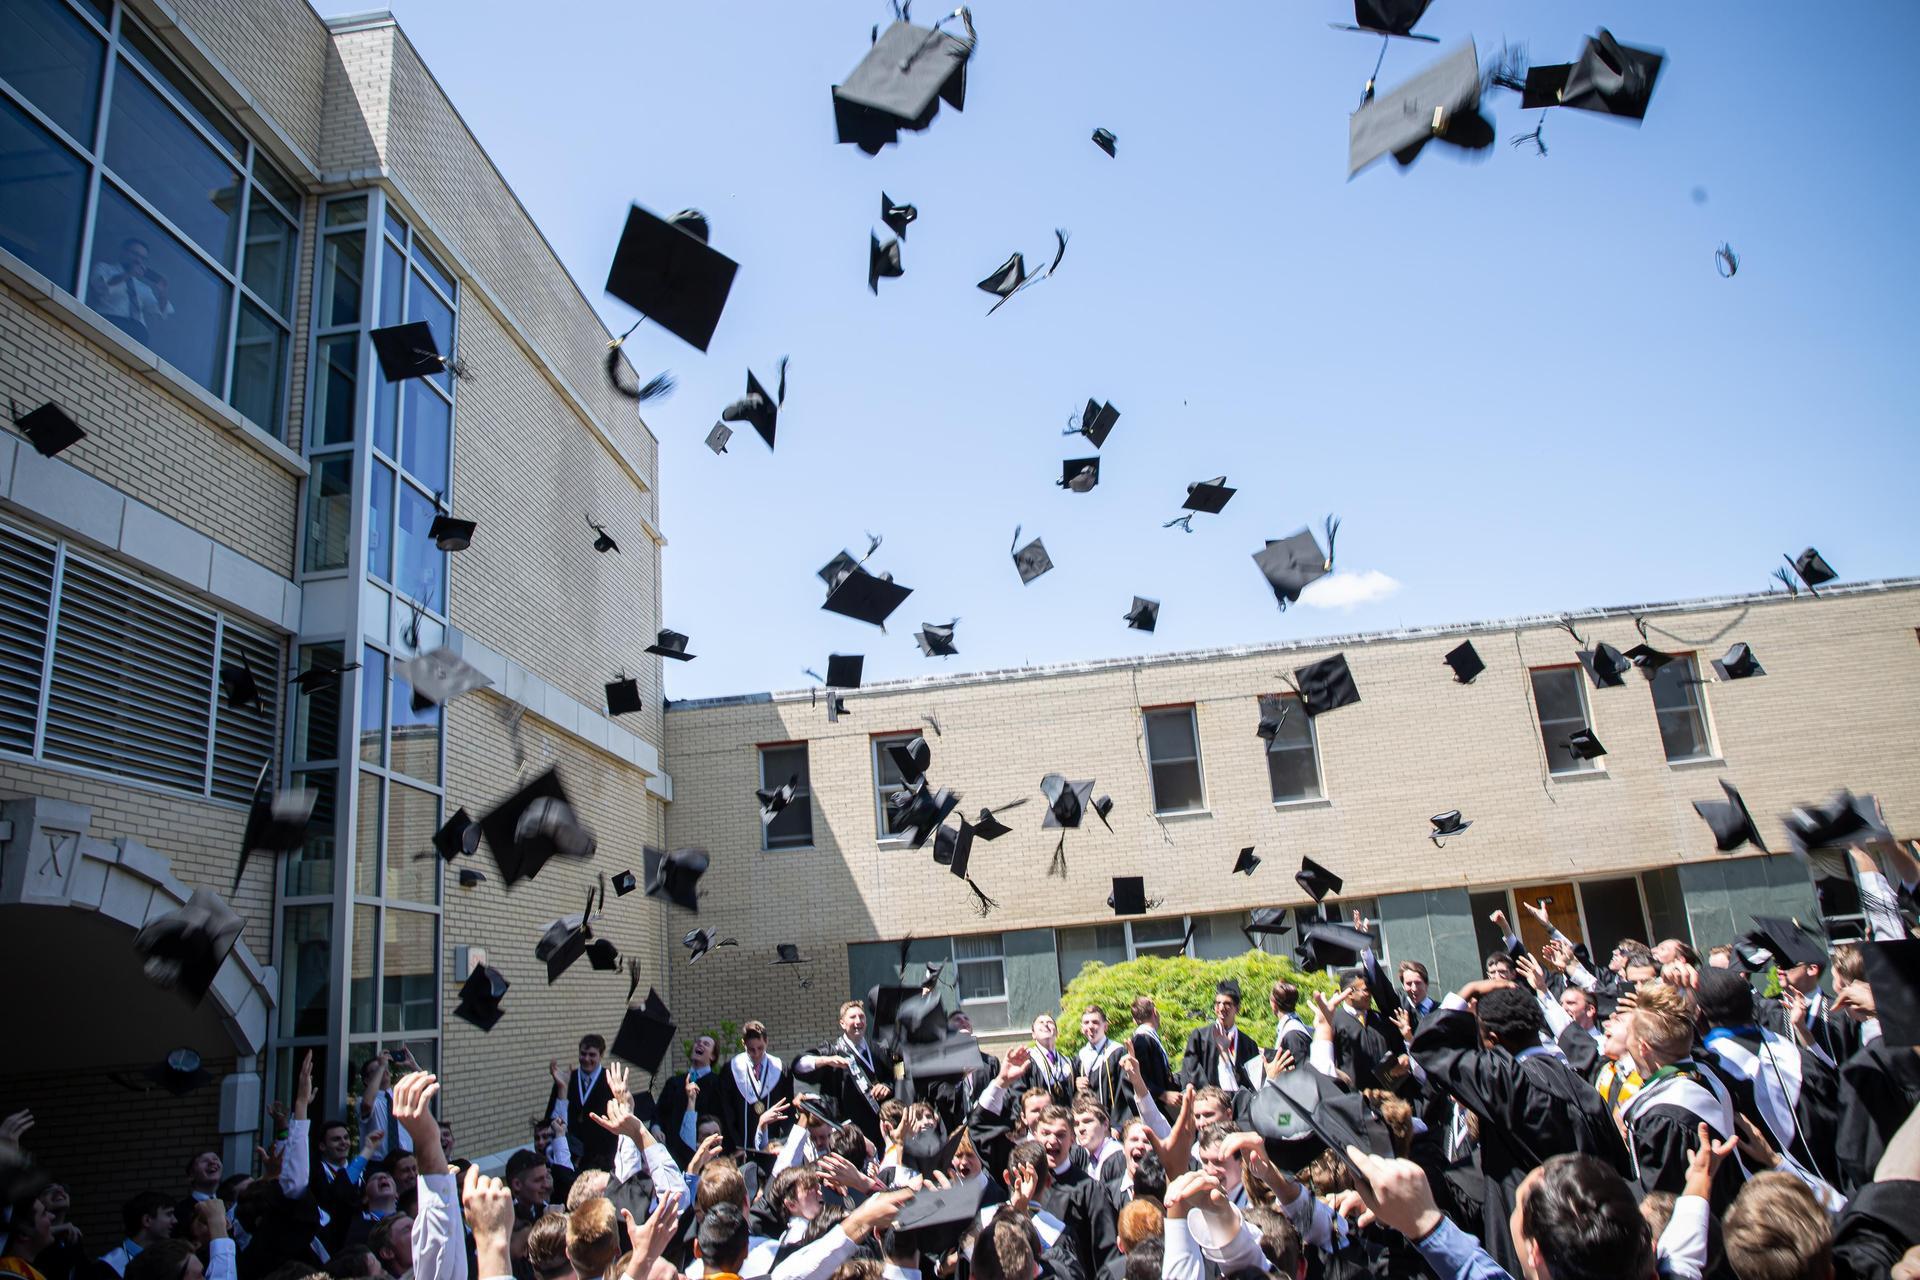 Caps off at graduation